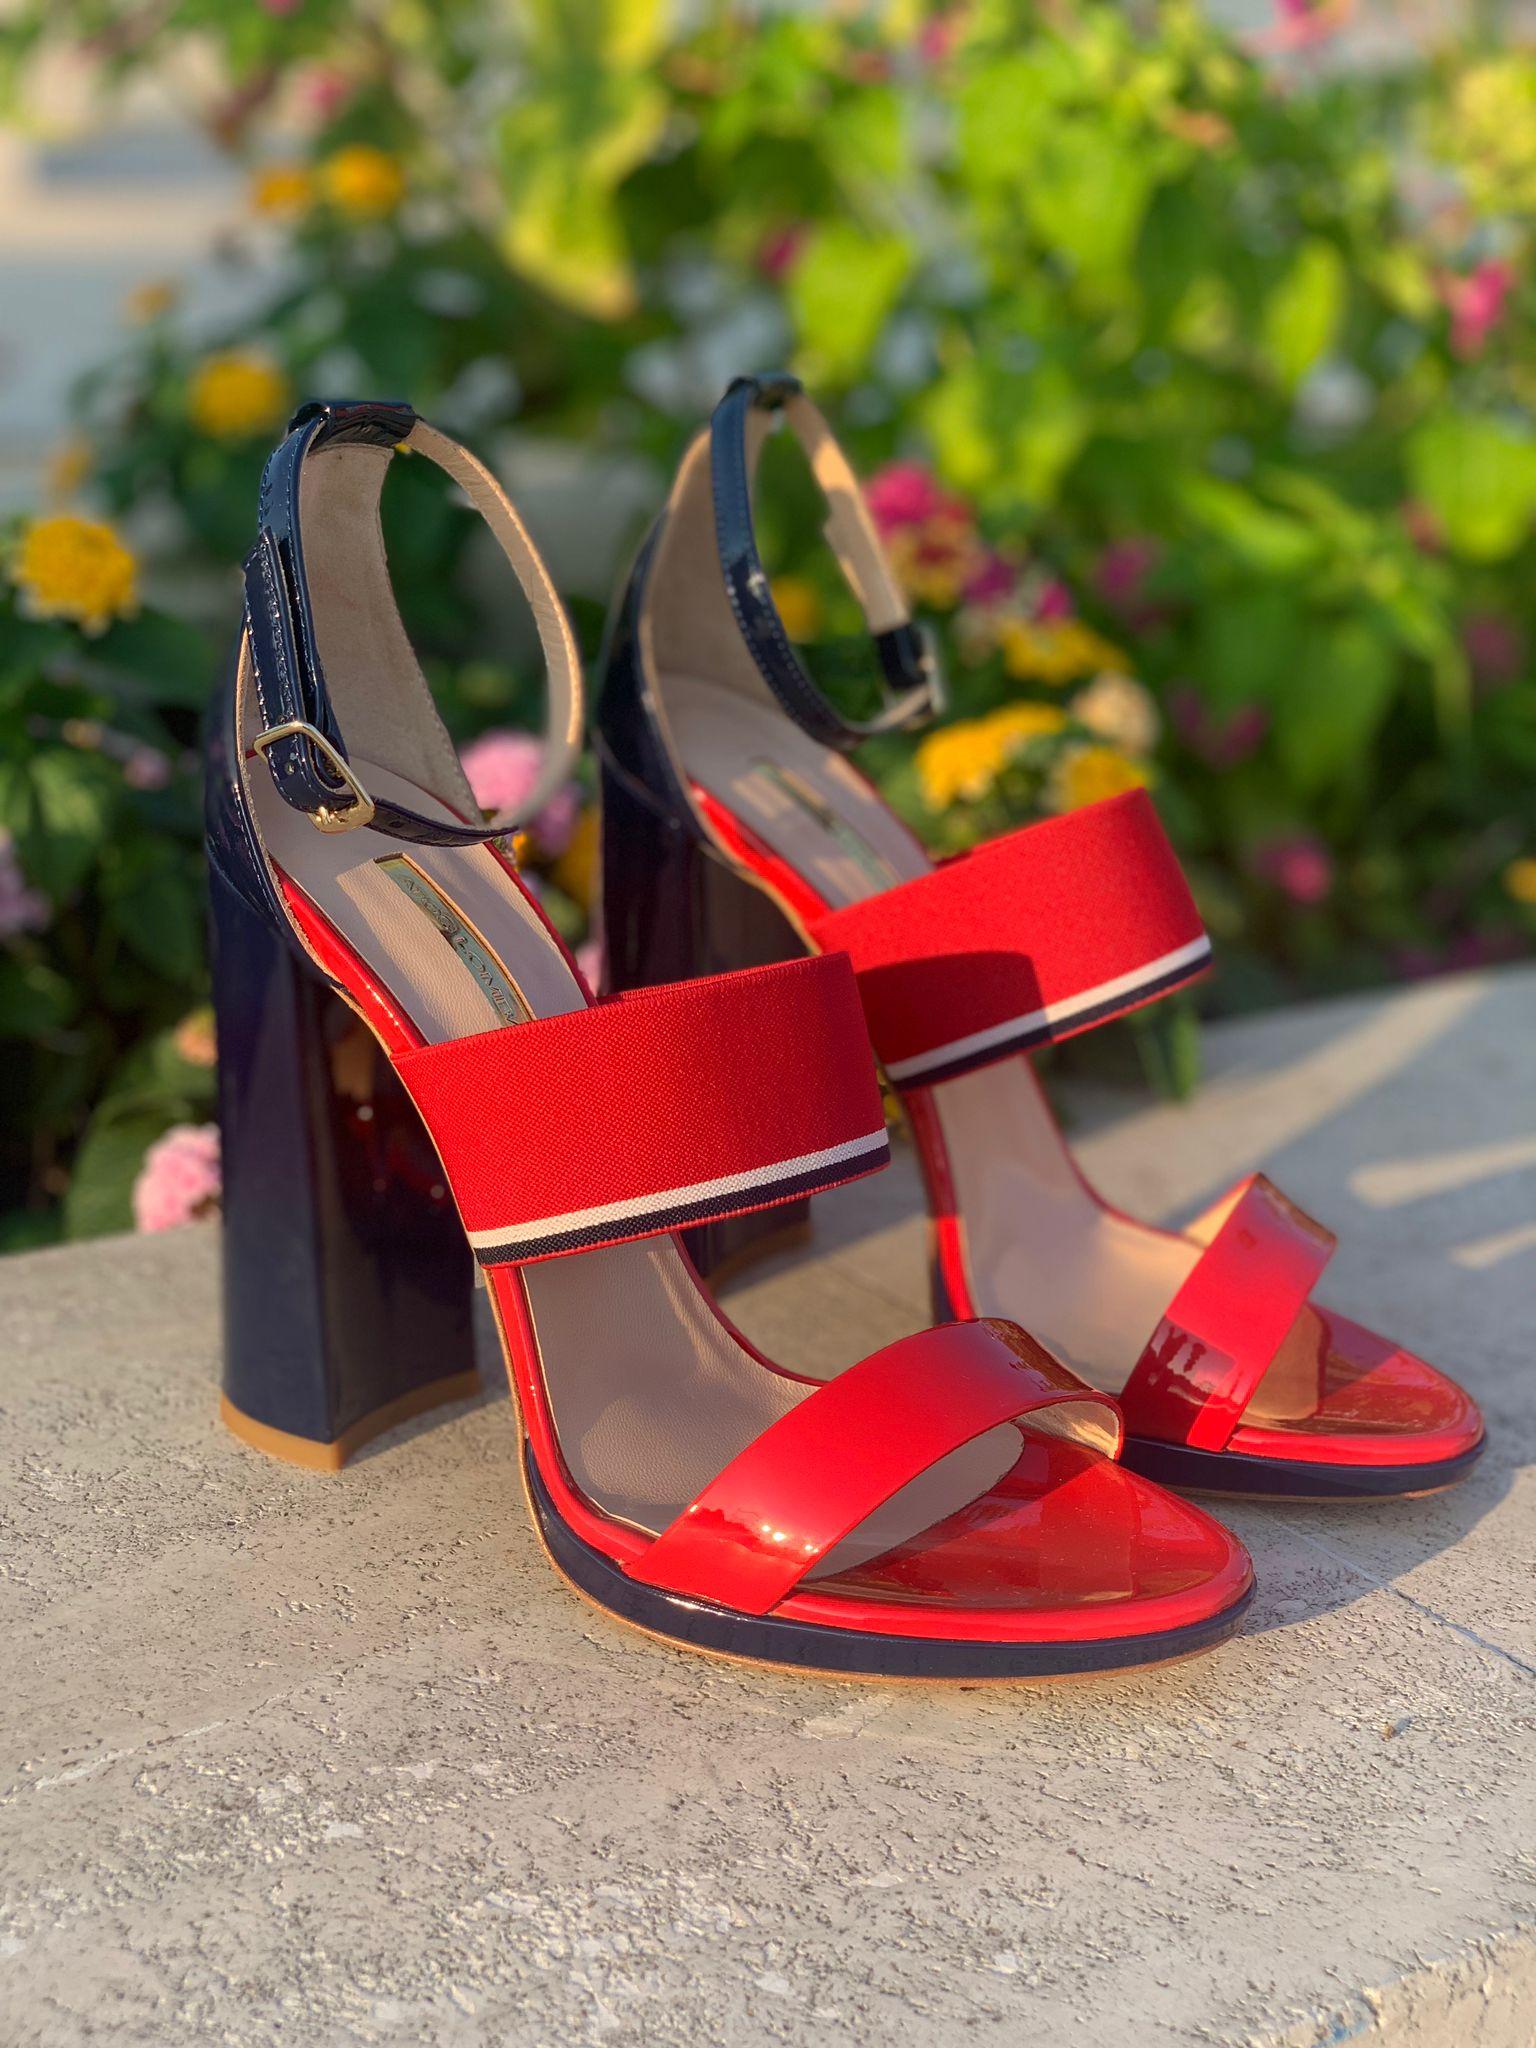 Sandalo alto rosso e blu Atos Lombardini